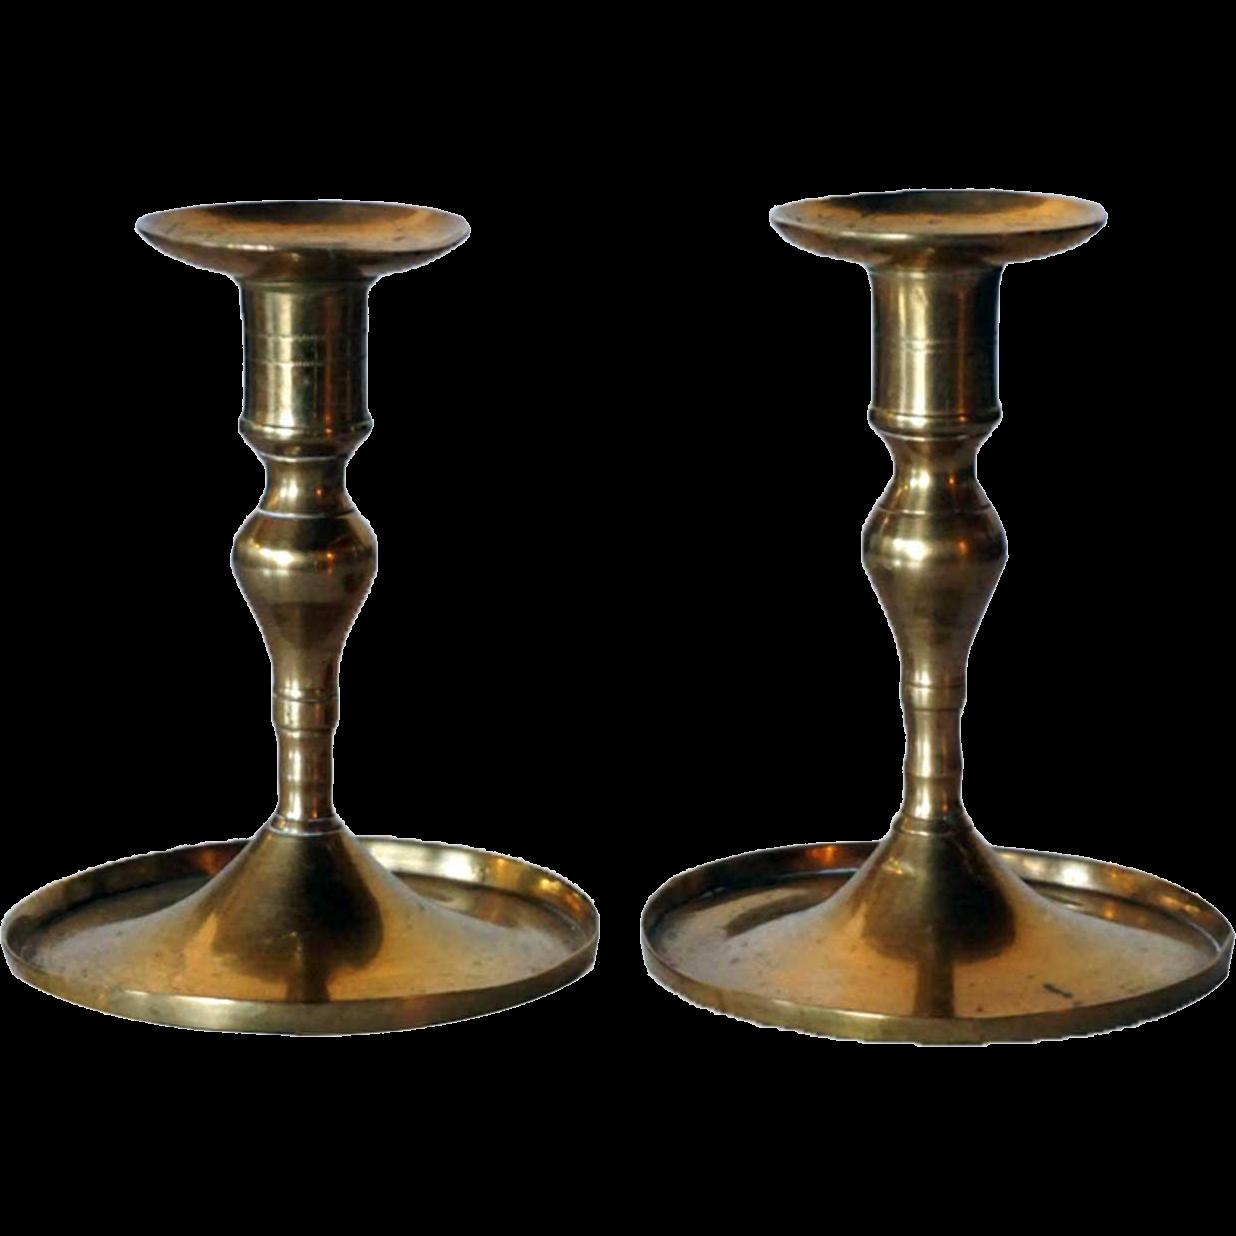 Pair of European Brass Taper Candlesticks